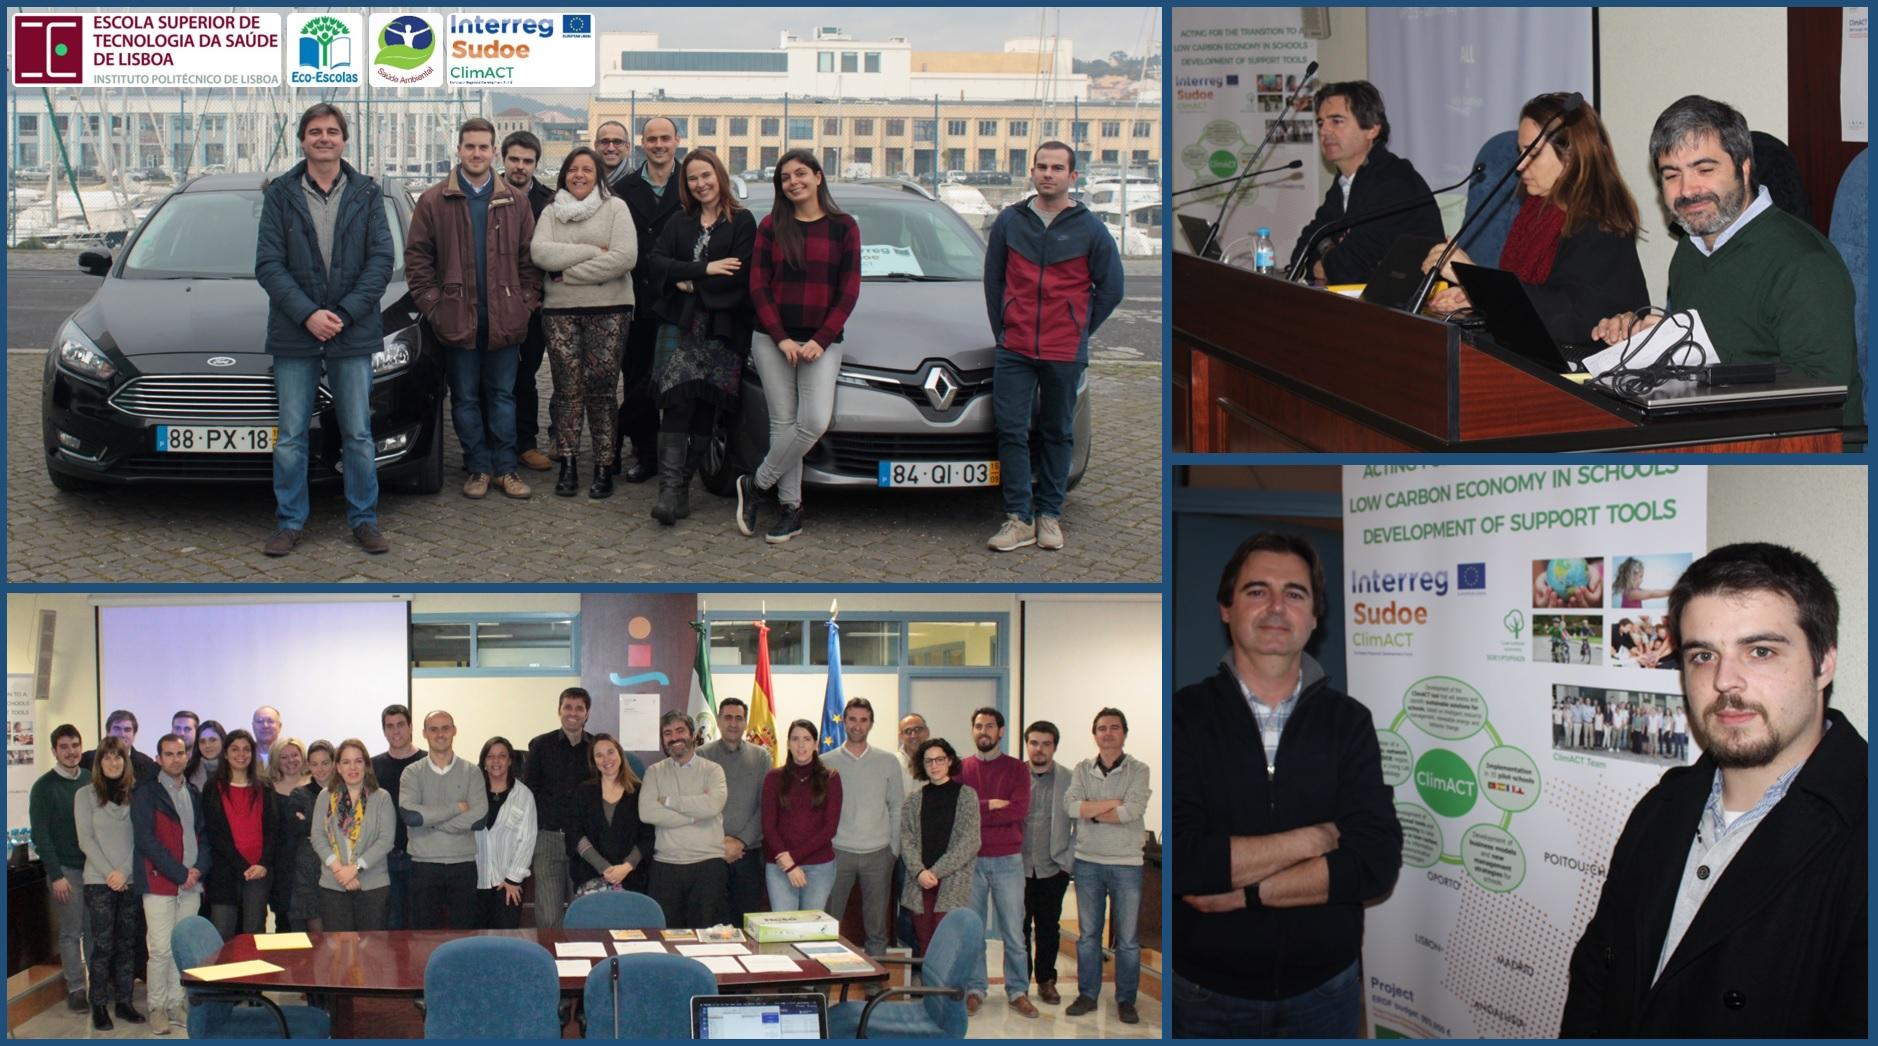 Saúde Ambiental da ESTeSL participa em reunião internacional do projeto Interreg Sudoe ClimACT